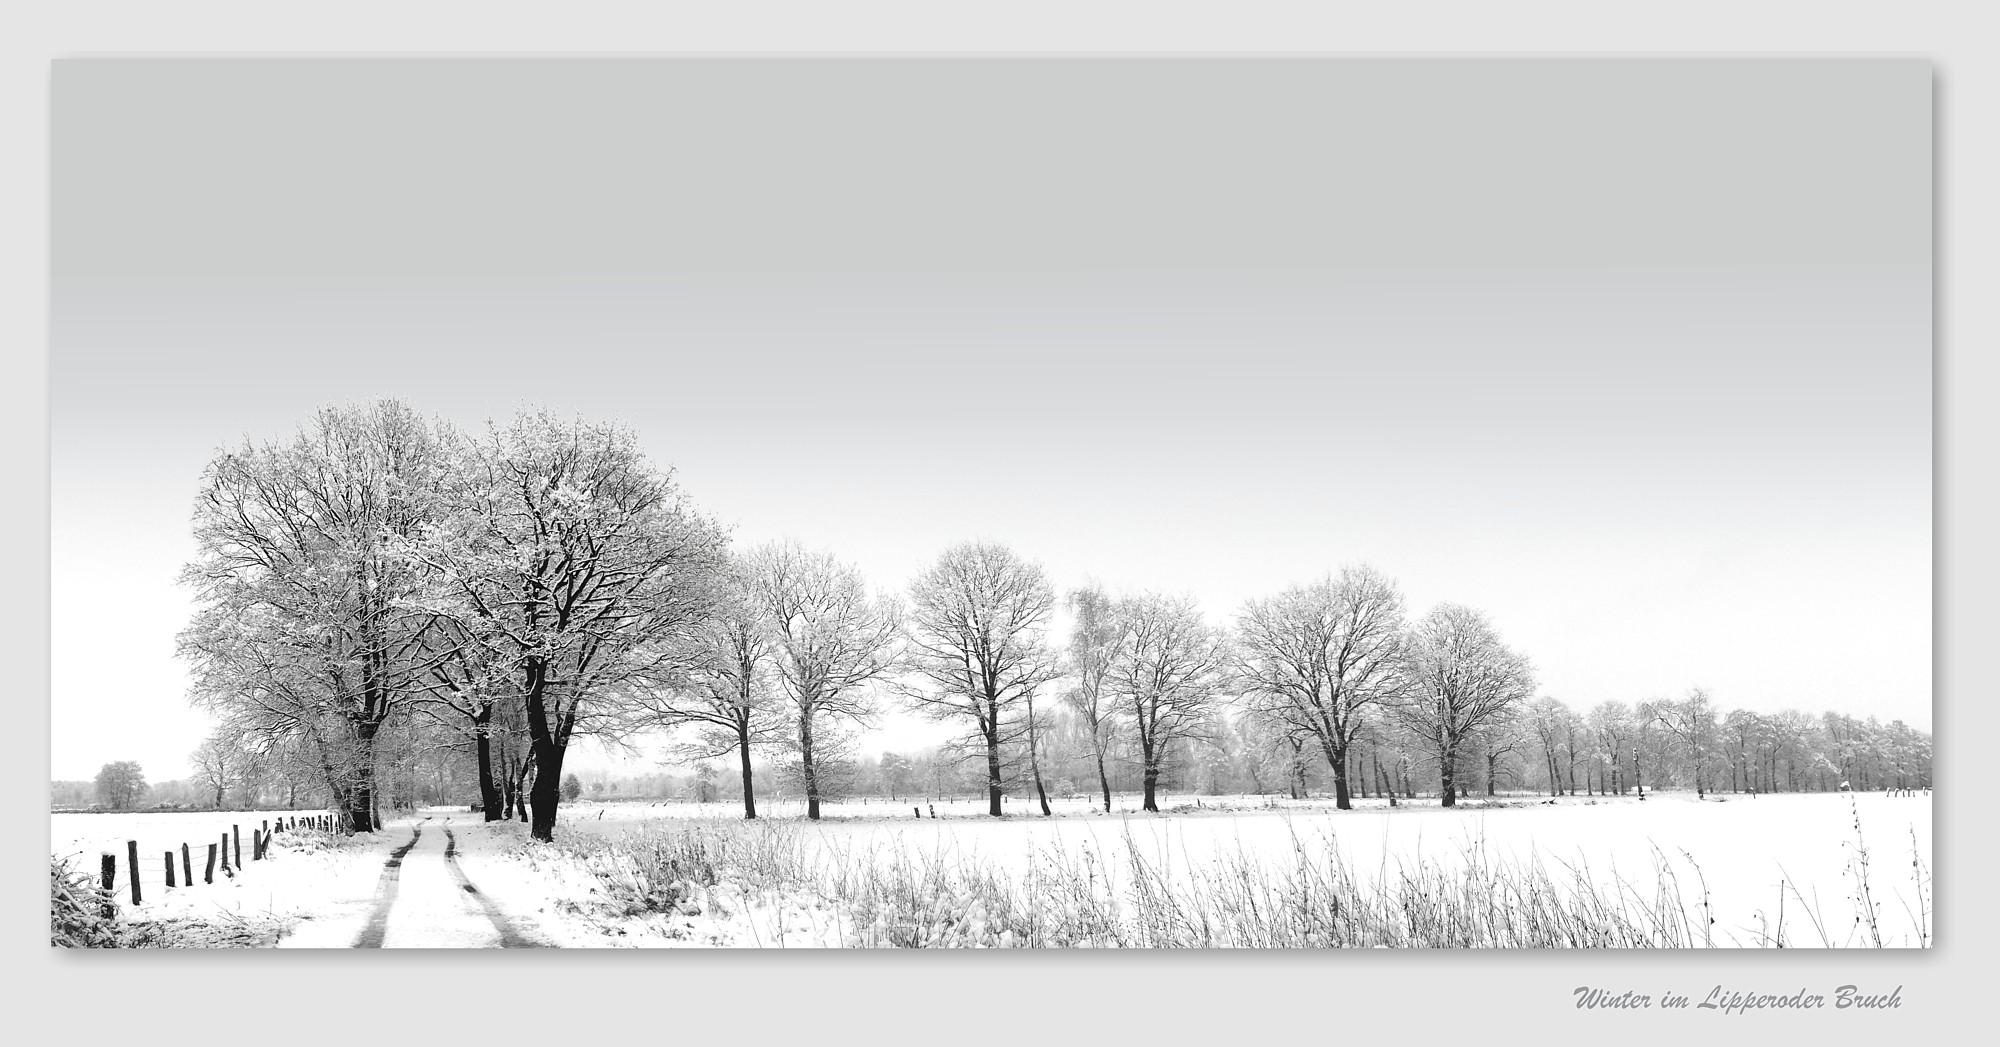 Winter im Lipperoder Bruch